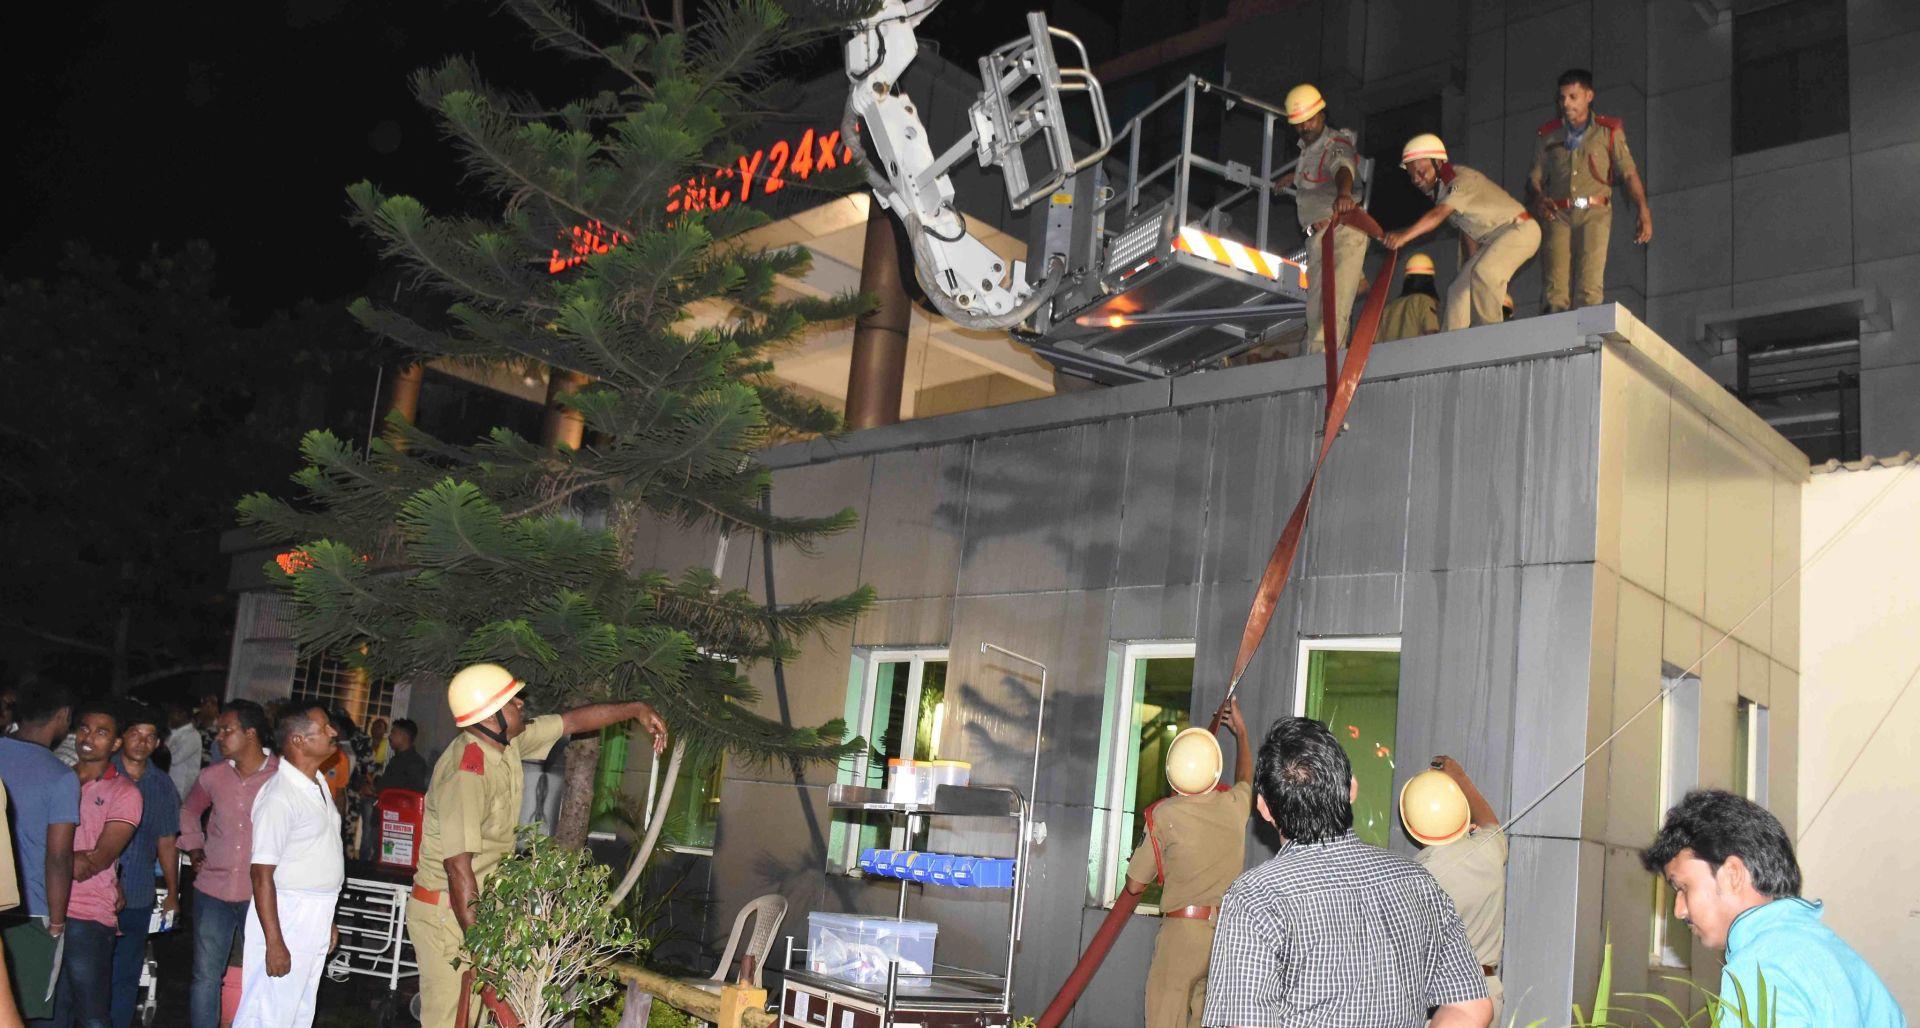 INDIJA Požar u bolnici – najmanje 20 mrtvih, 100 ozlijeđenih